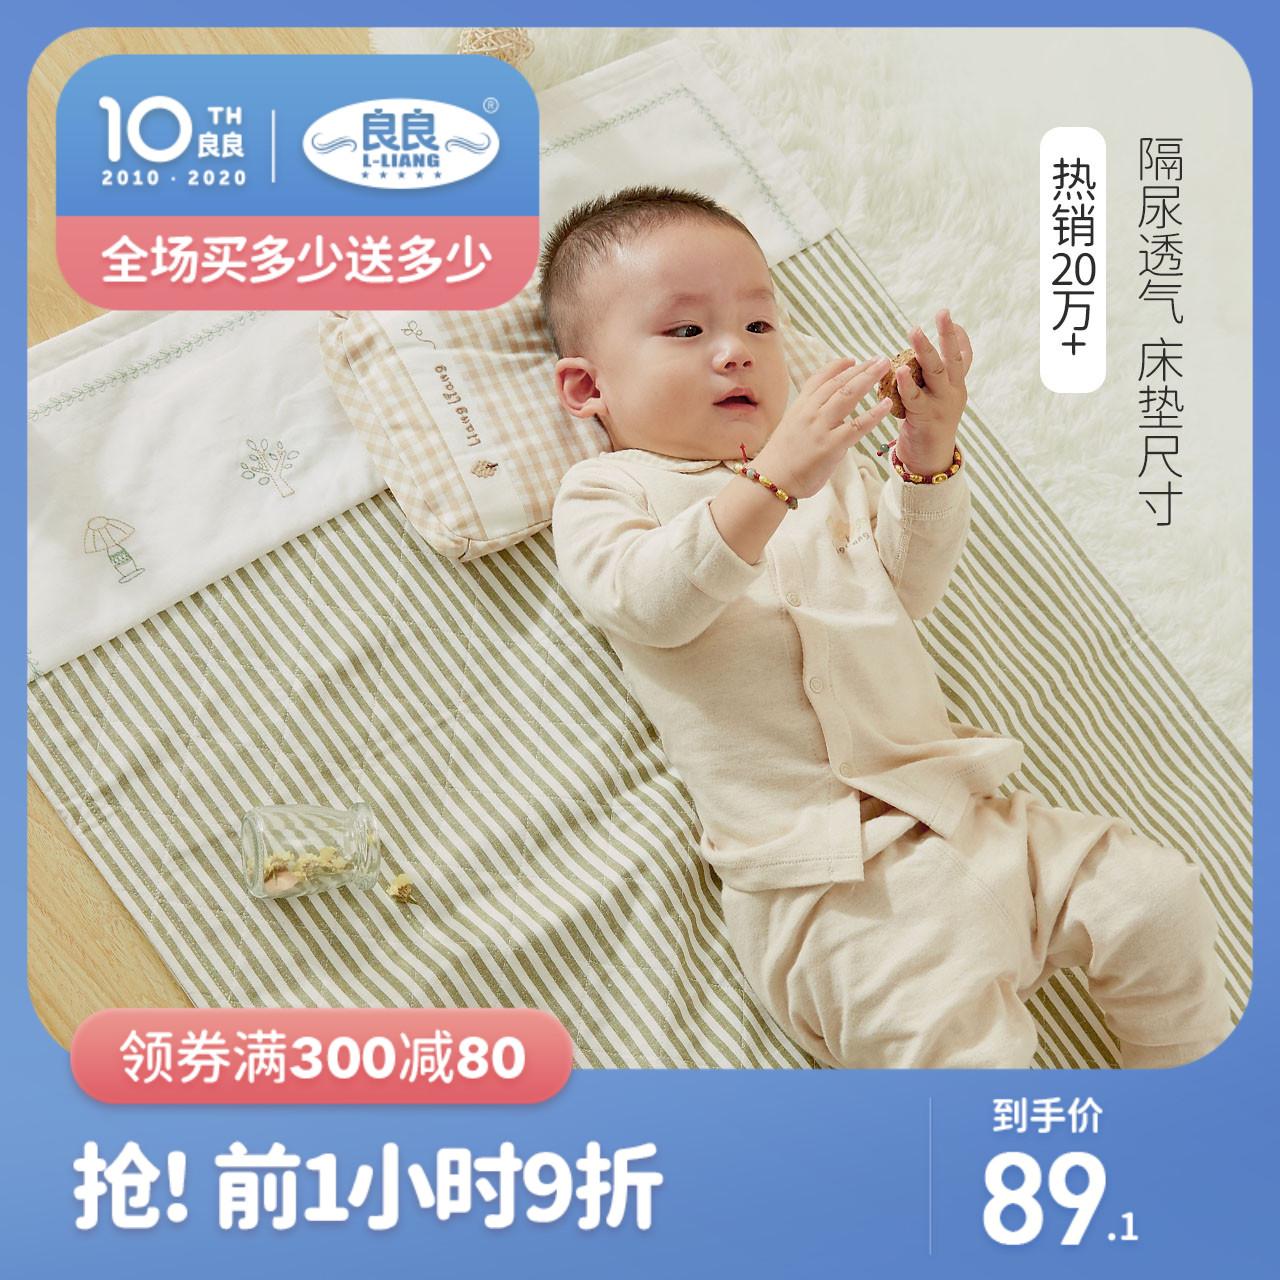 良良婴儿麻棉隔尿垫加大新生儿宝宝可洗隔尿护理床垫夏季透气防水